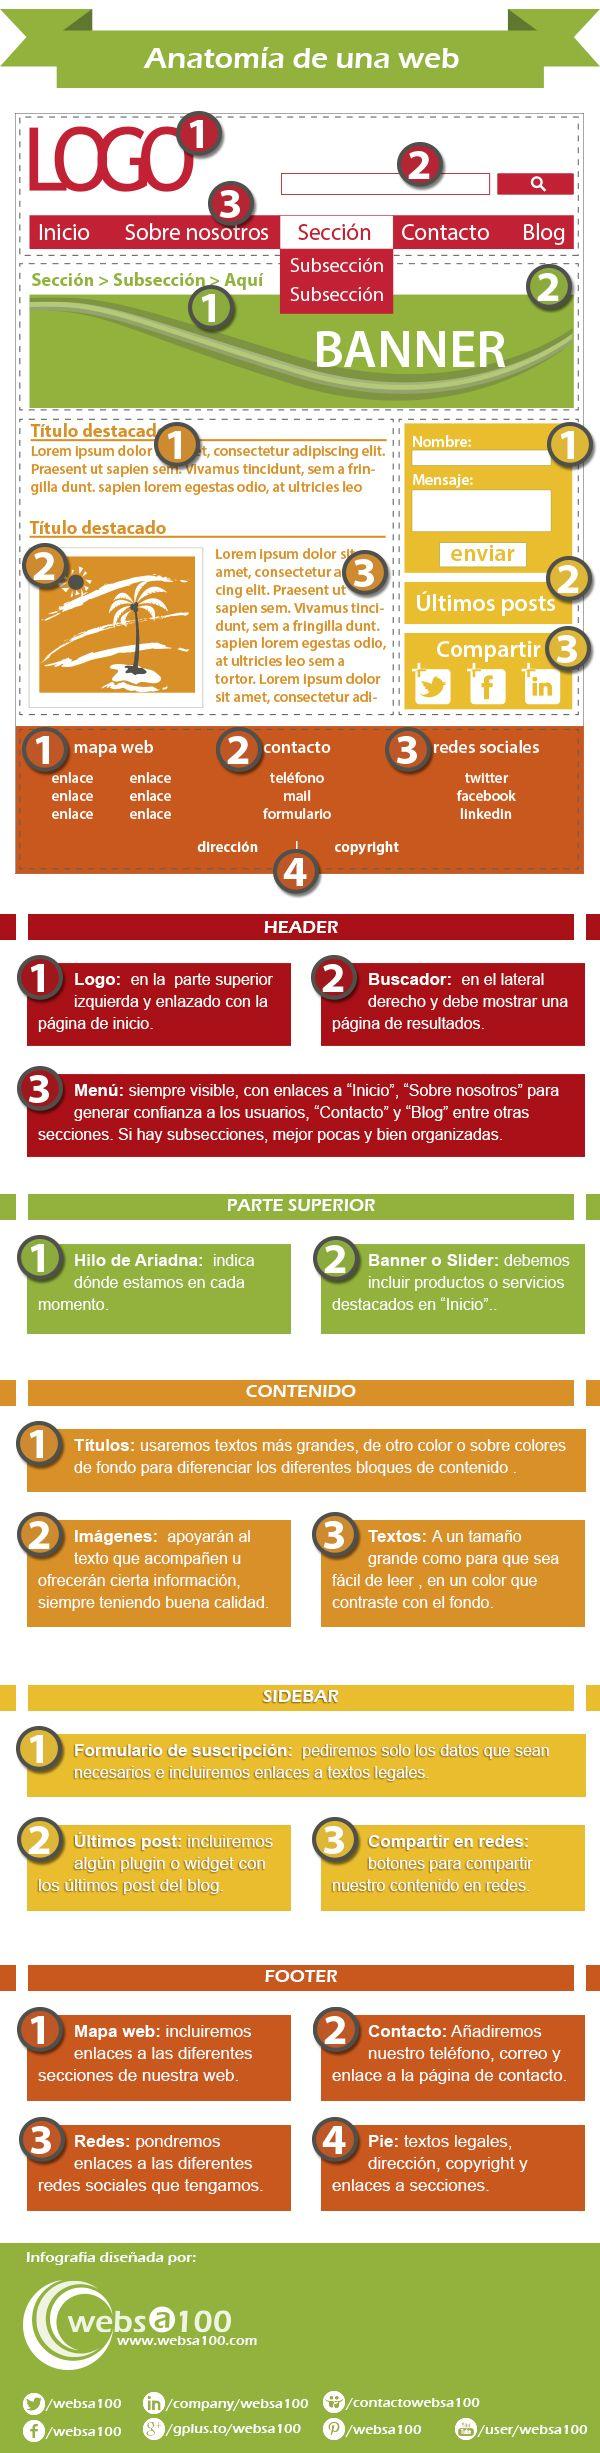 Anatomía de una web #infografia #infographic | TICs y Formación